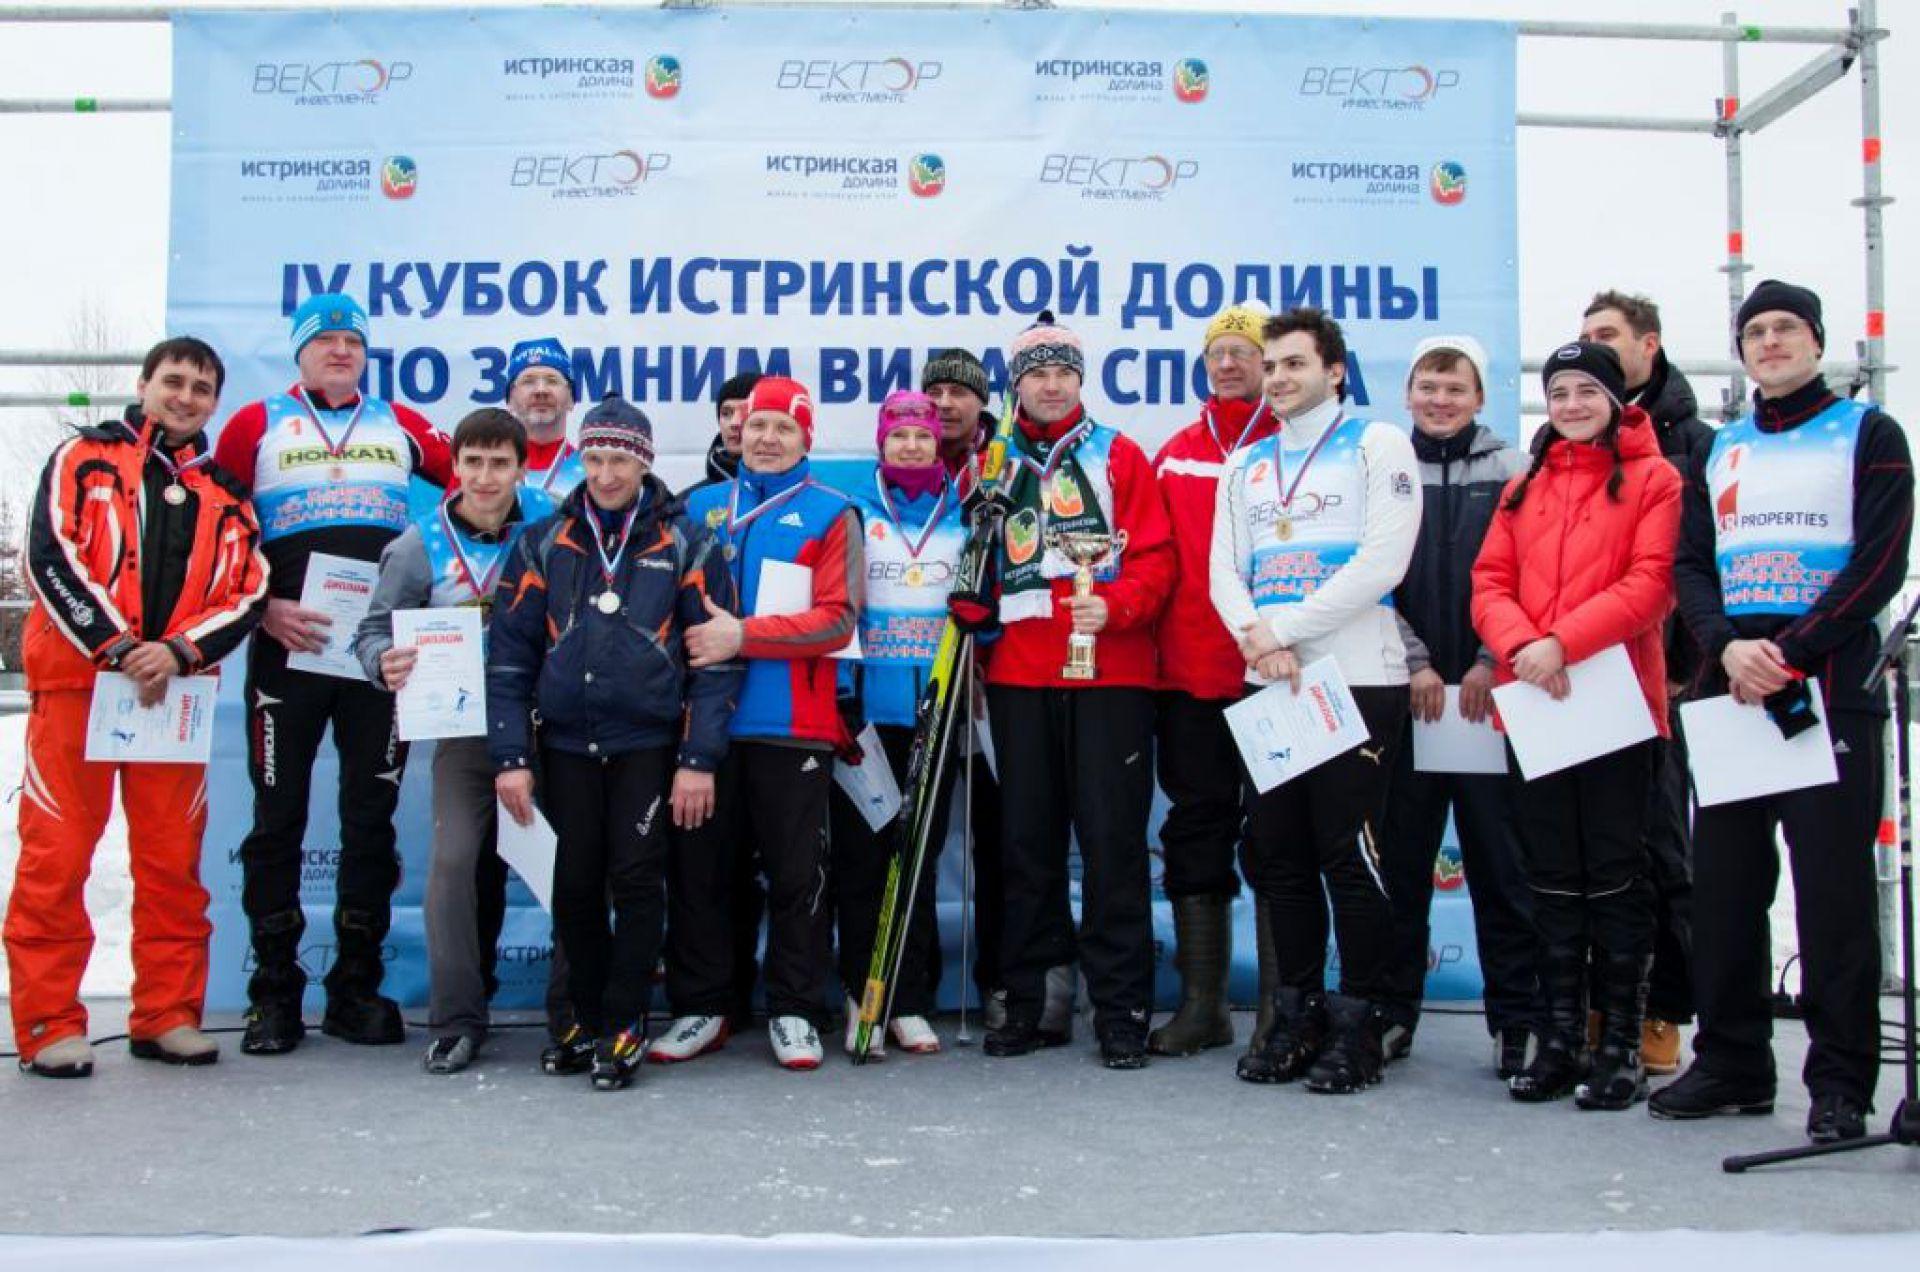 HONKA поддержала Кубок Истринской долины